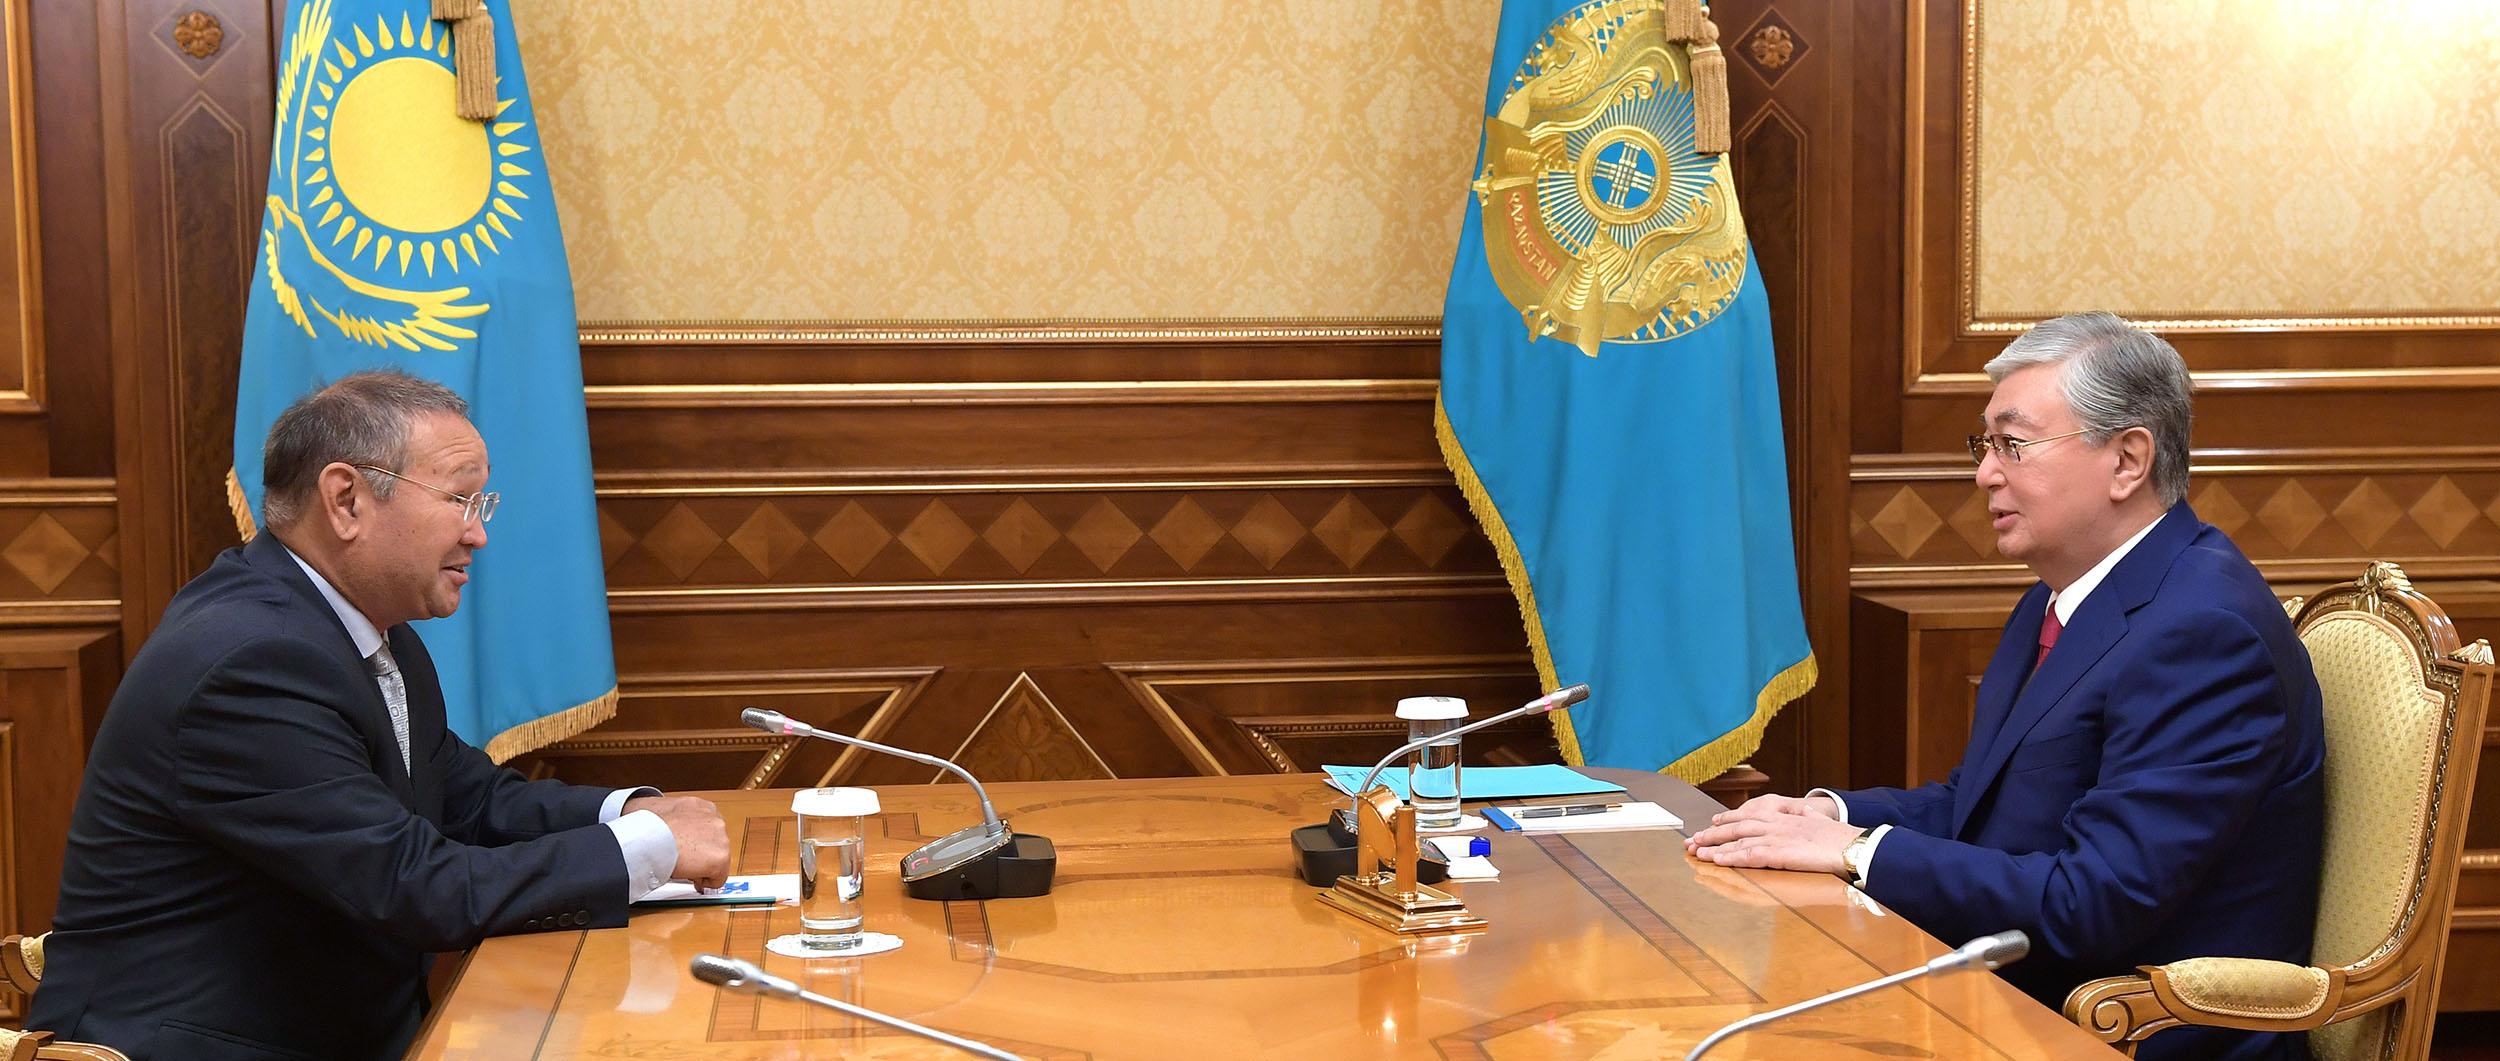 Зейнолла Самашев рассказал Касым-Жомарту Токаеву о раскопках стоянок в ВКО